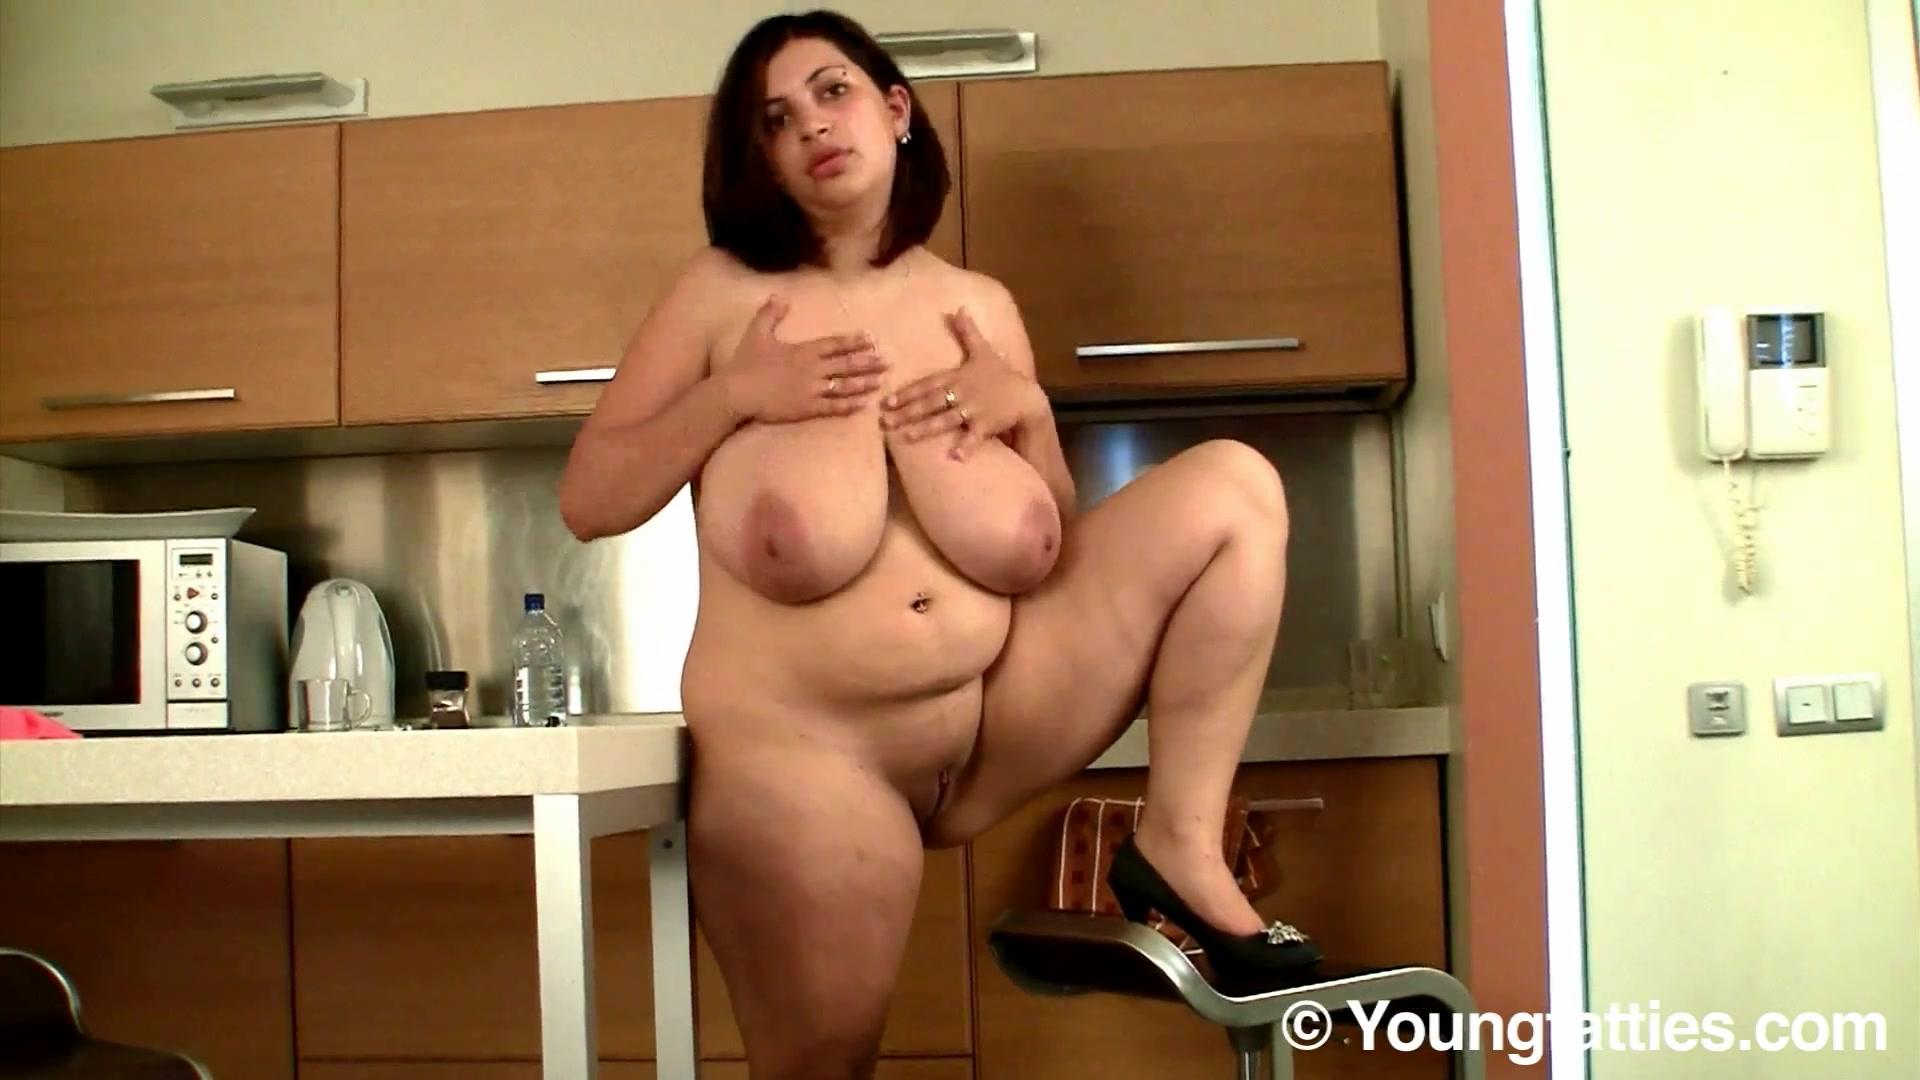 Толстушка голая видео, видео с огромным клитором зрелые лесбиянки